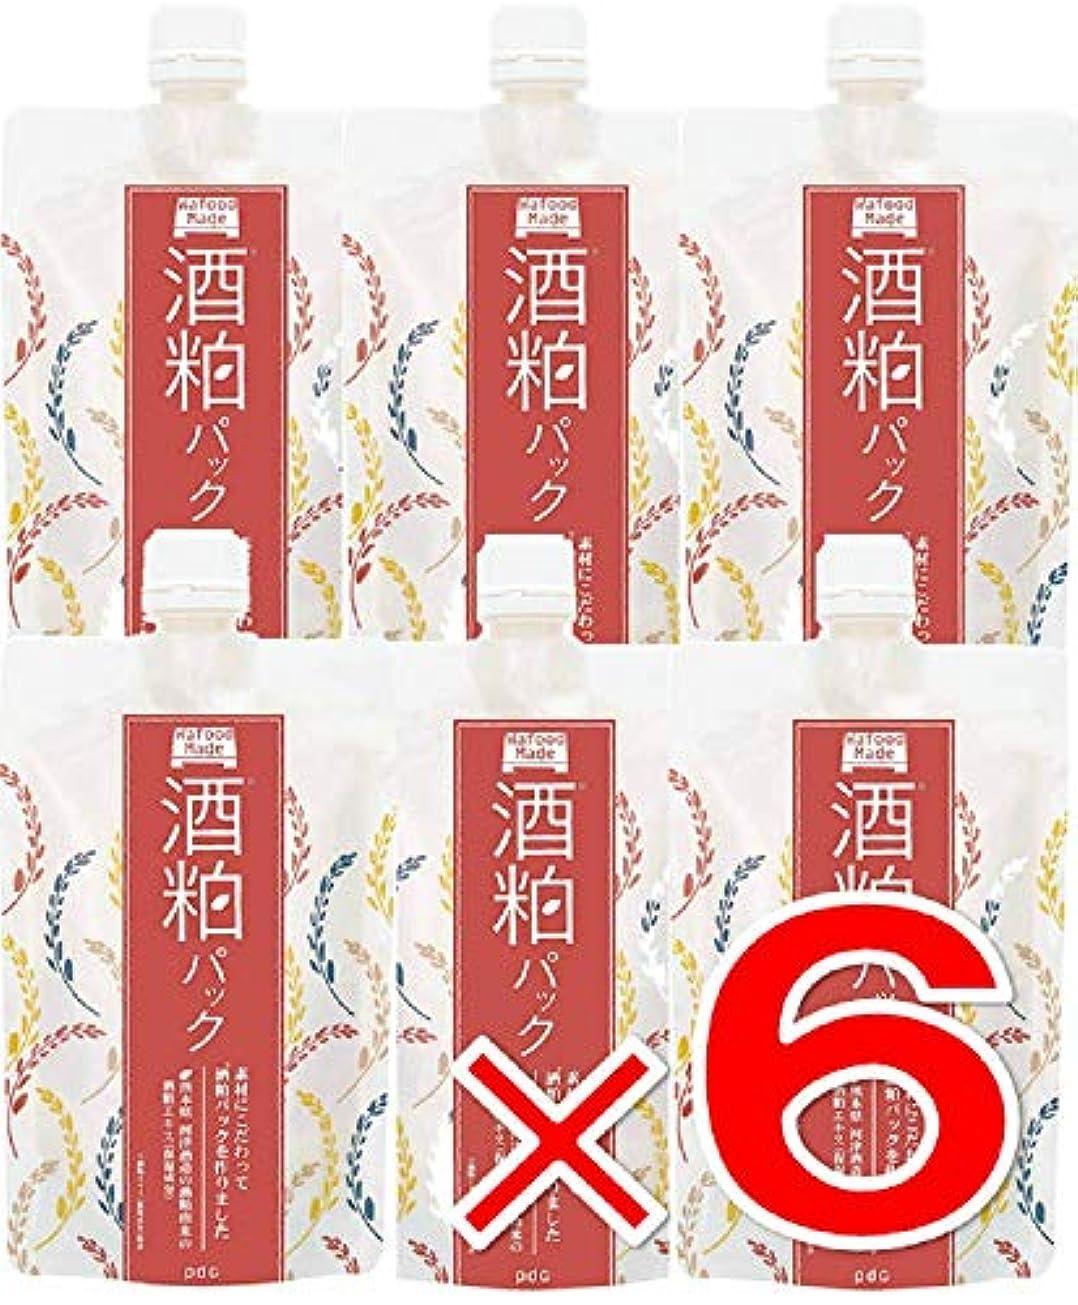 が欲しいオッズ実験【 6個 】 ワフードメイド (Wafood Made) 酒粕パック 170g 日本製